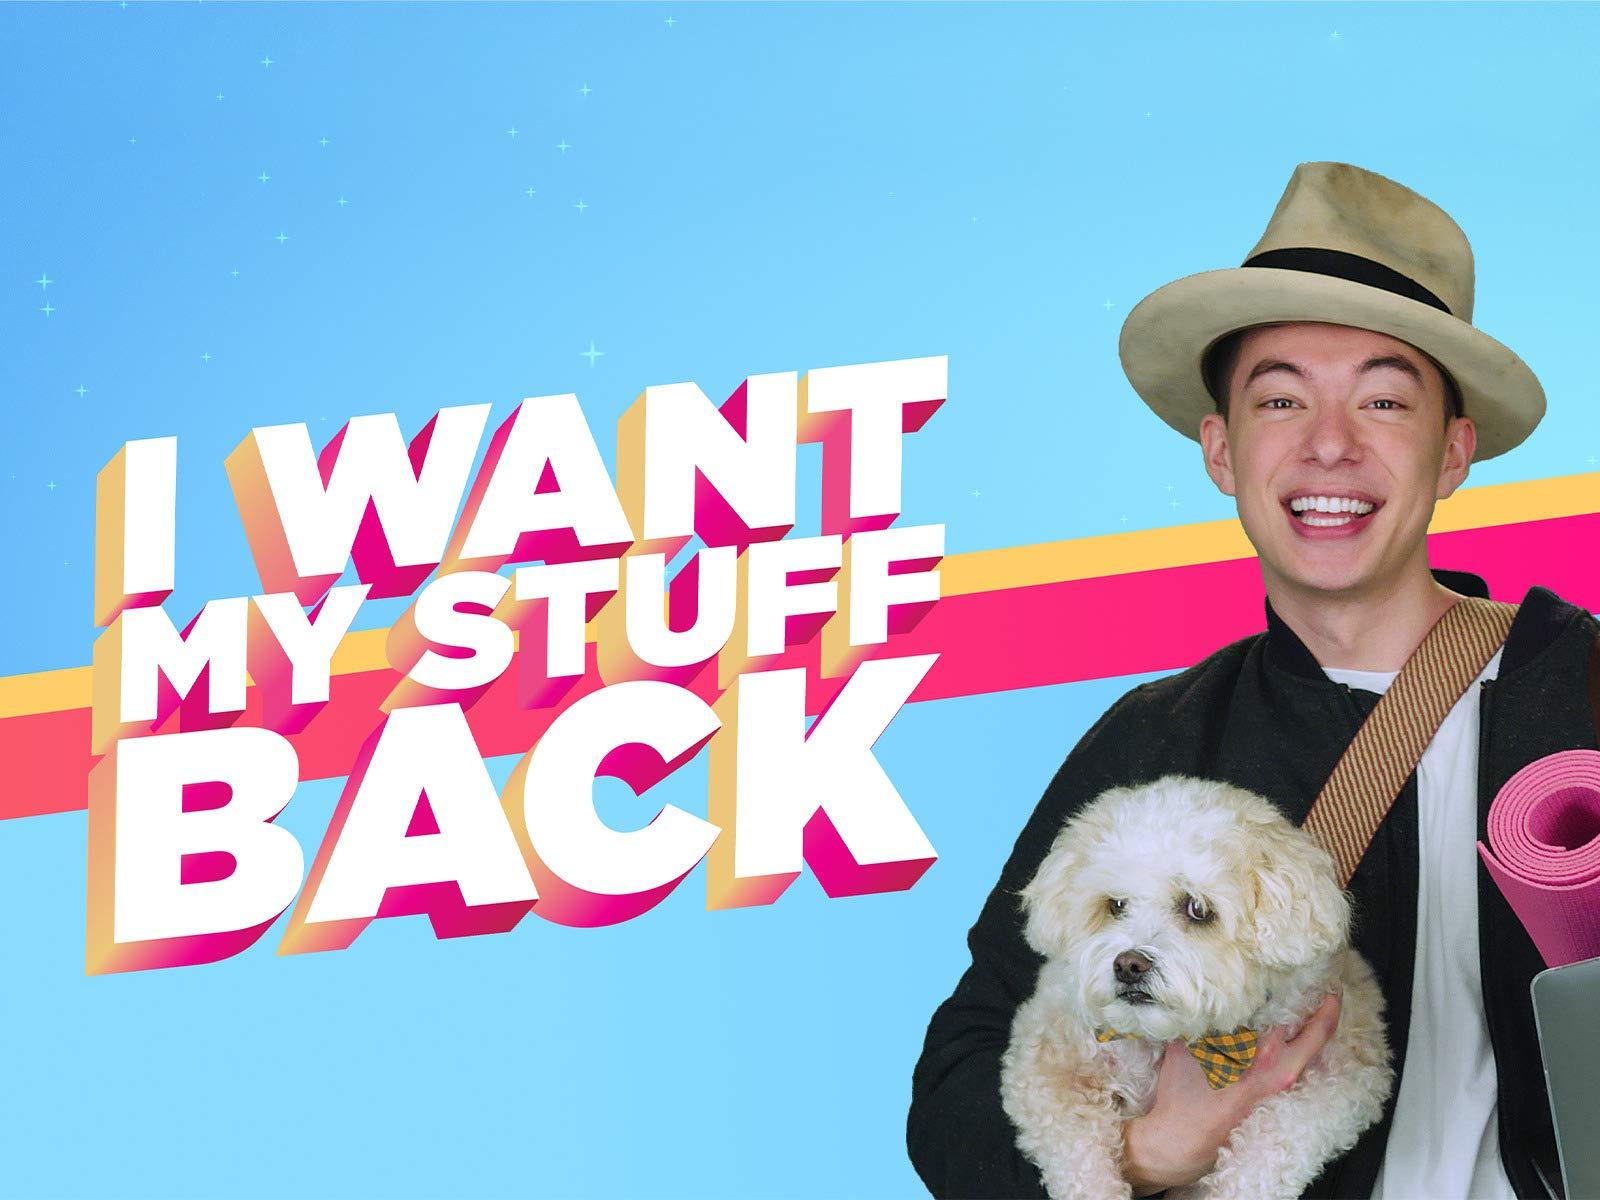 I Want My Stuff Back